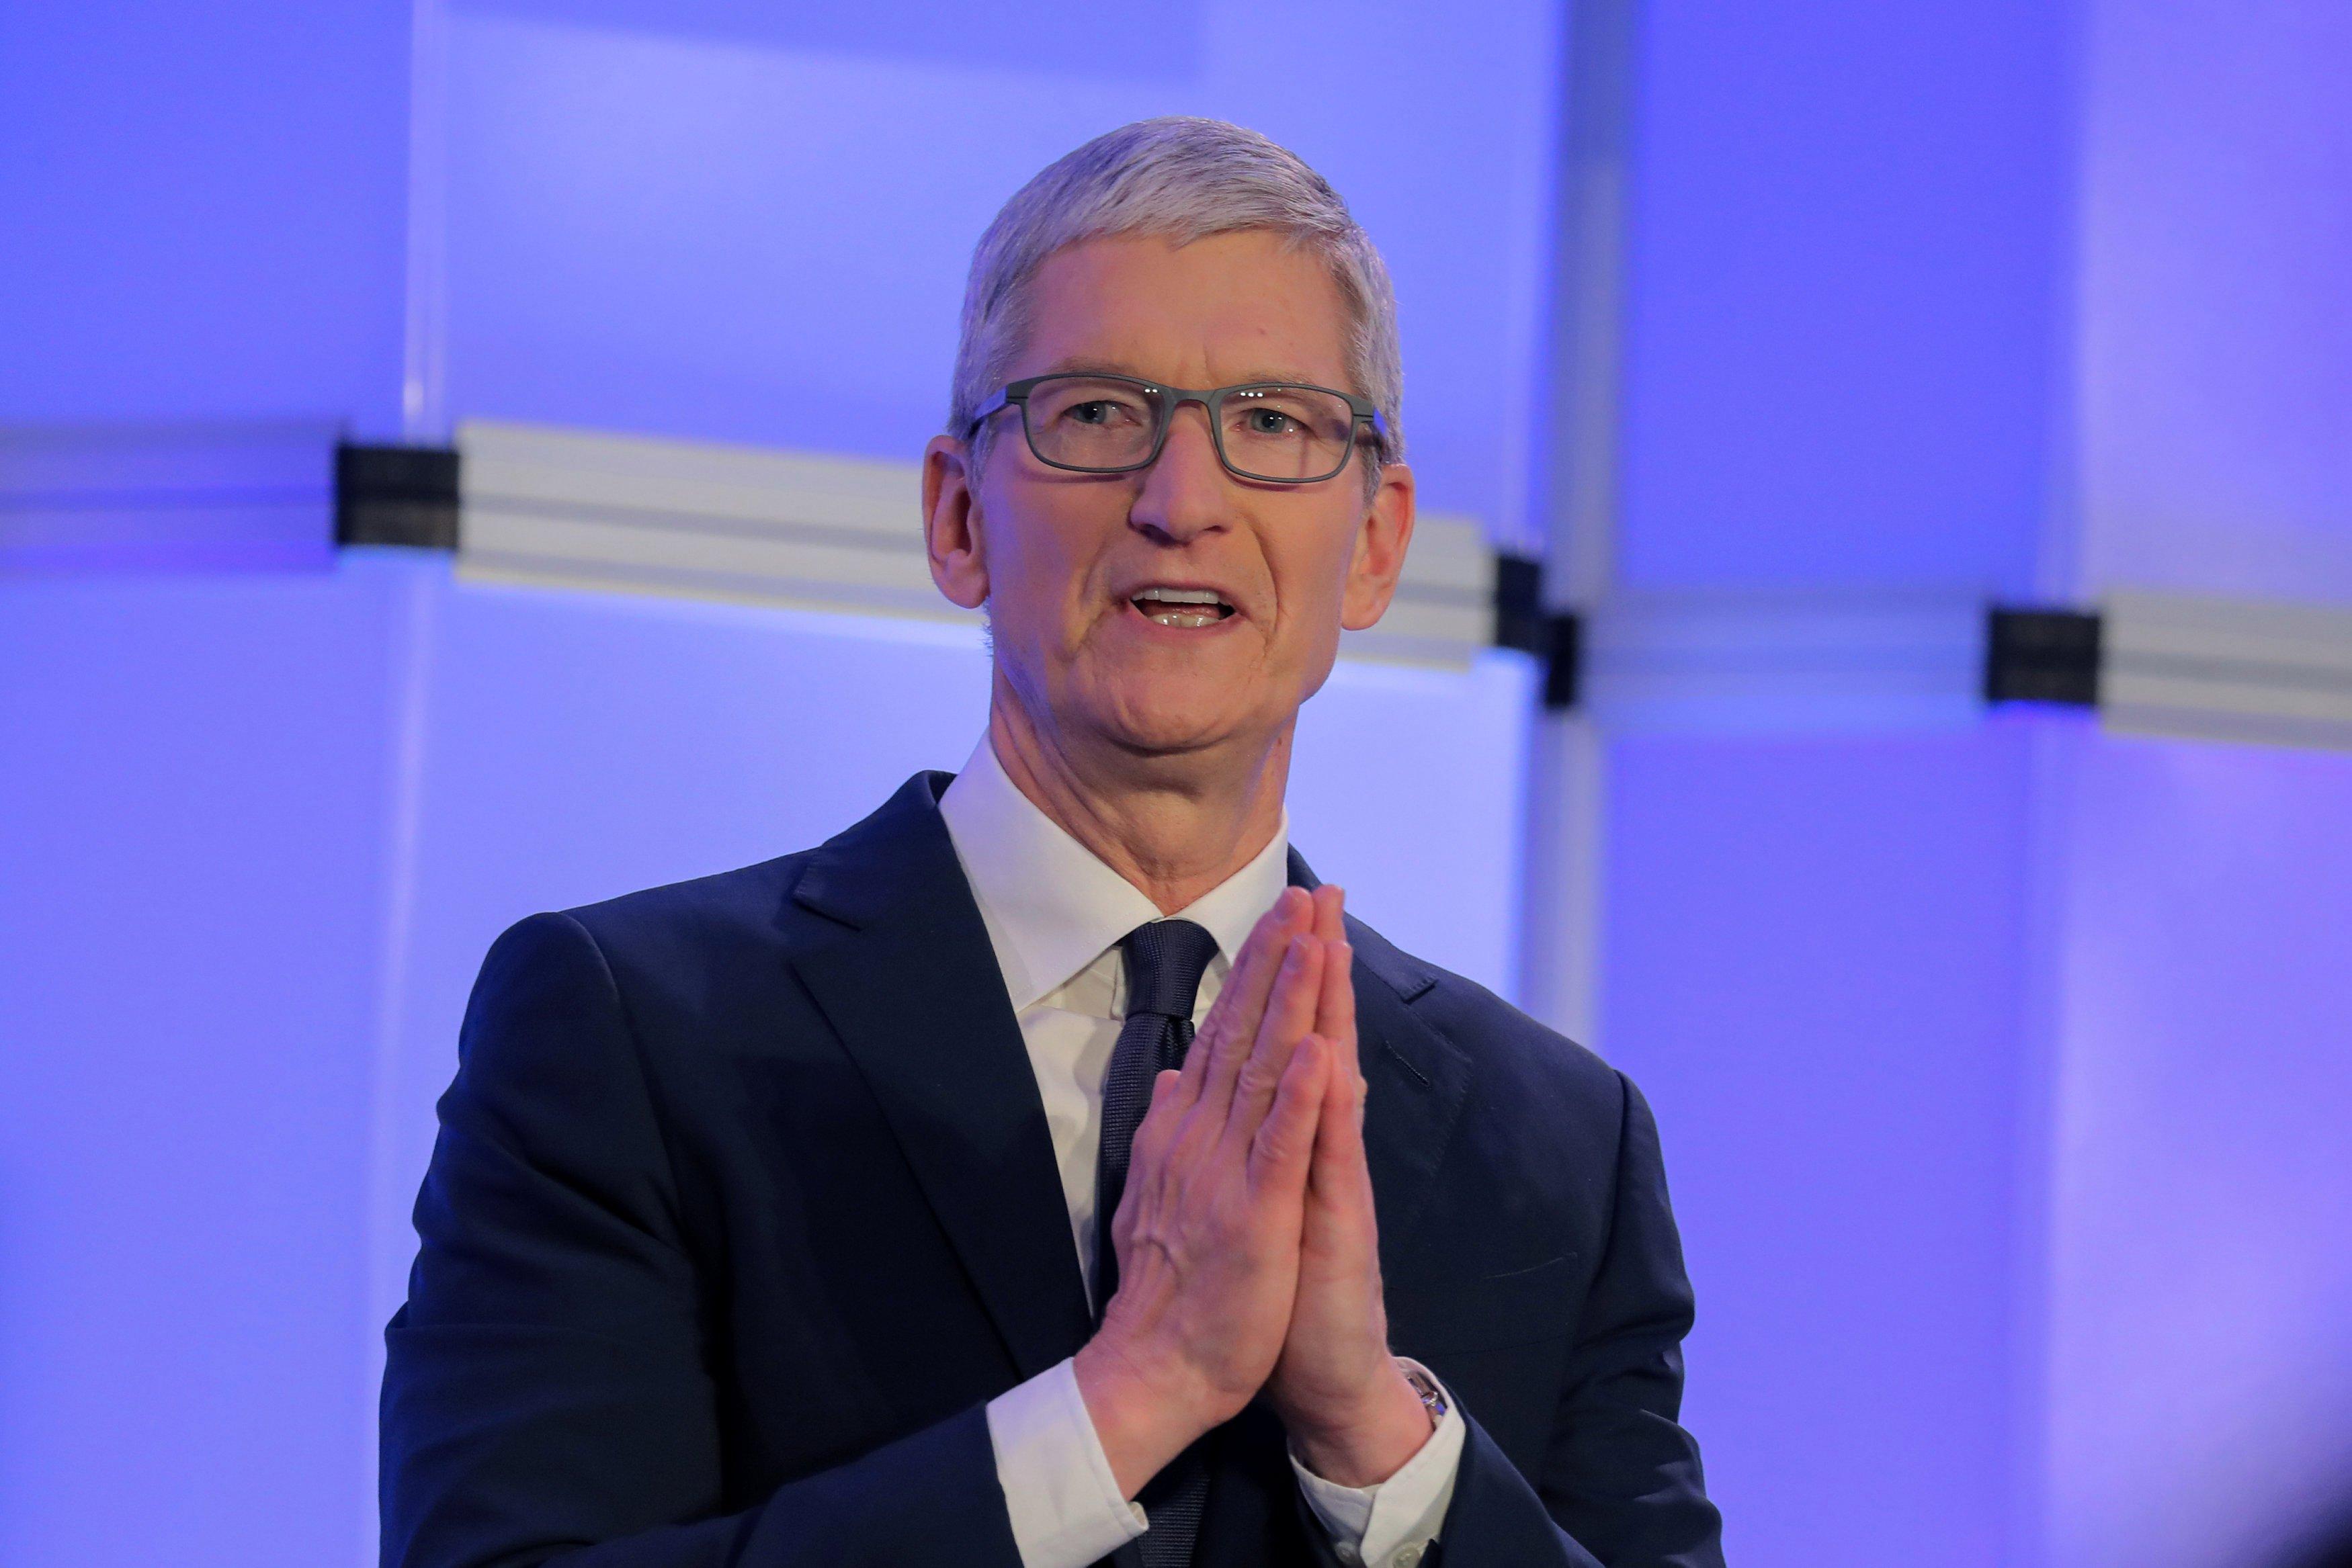 """Apple  CEO Tim Cook bezeichnete den Schutz der Privatsphäre als """"Menschenrecht"""" angesichts wachsender Sicherheitsbedenken in der Welt"""